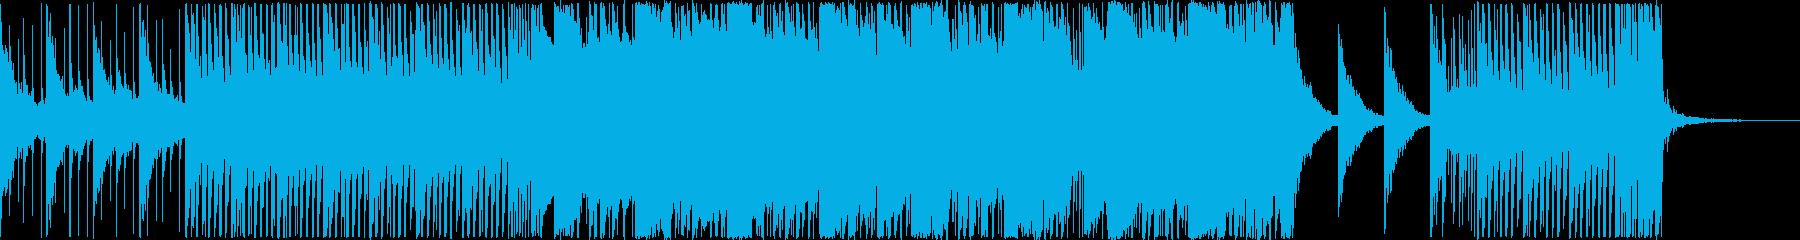 若干スピードの速いダブステップ的な楽曲の再生済みの波形